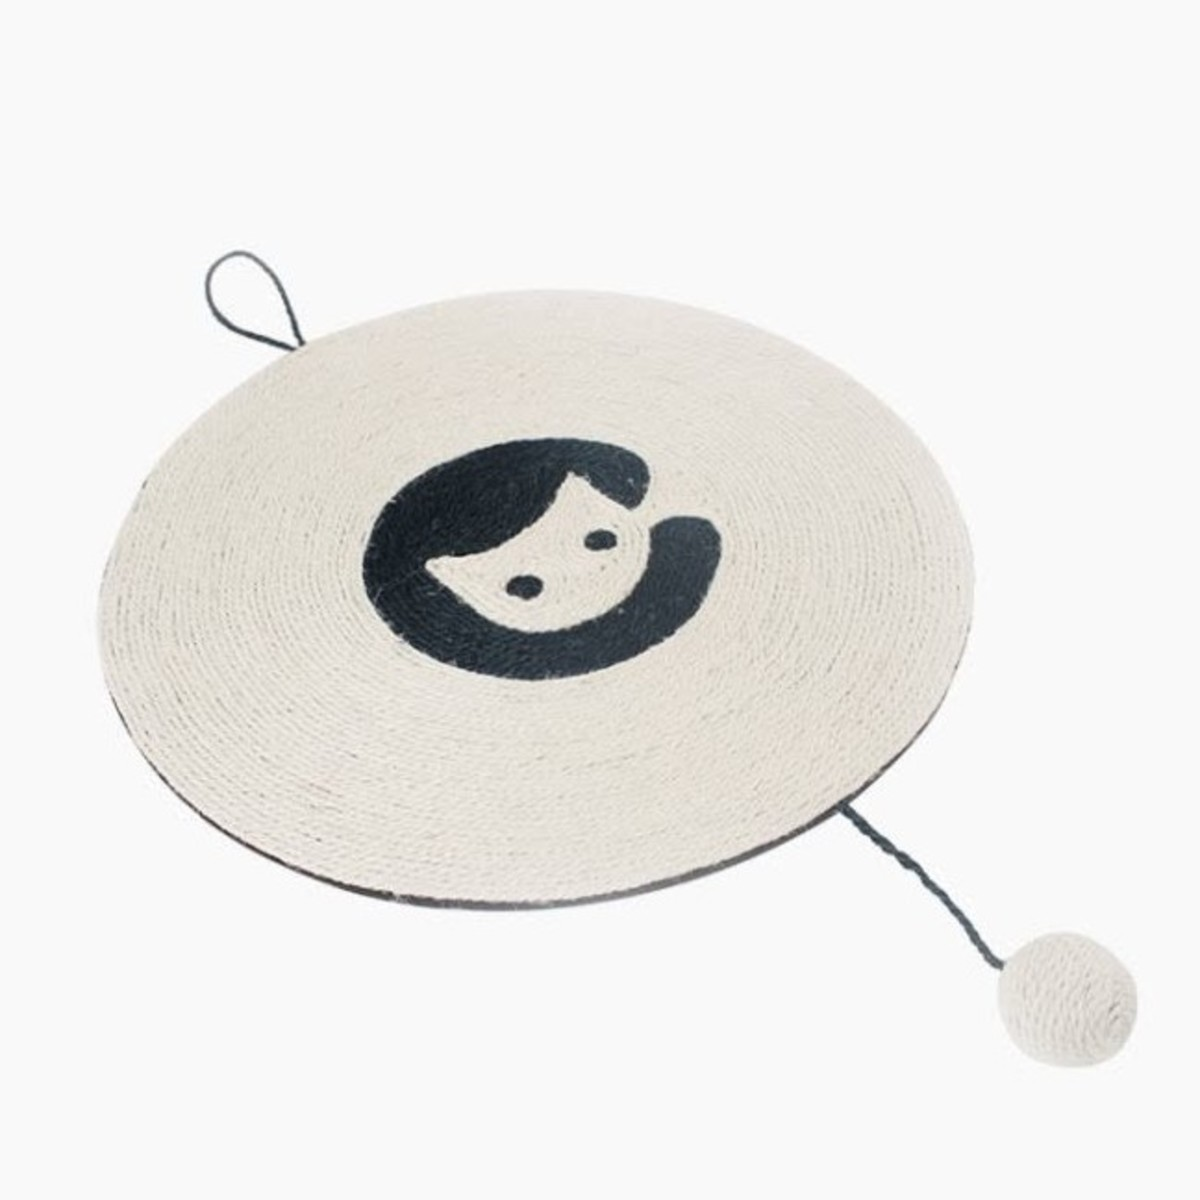 圓形貓抓板